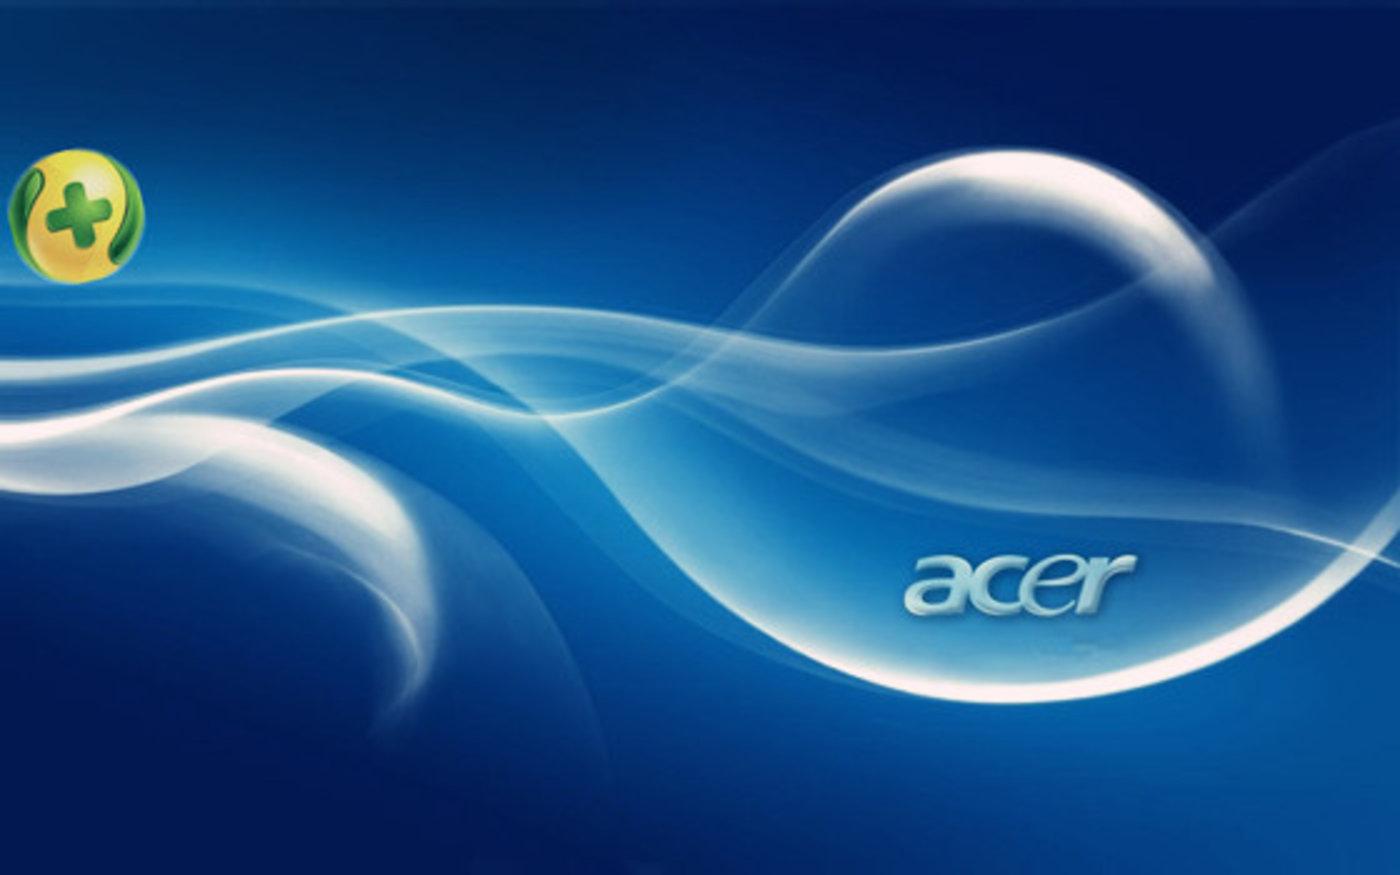 360 Acer